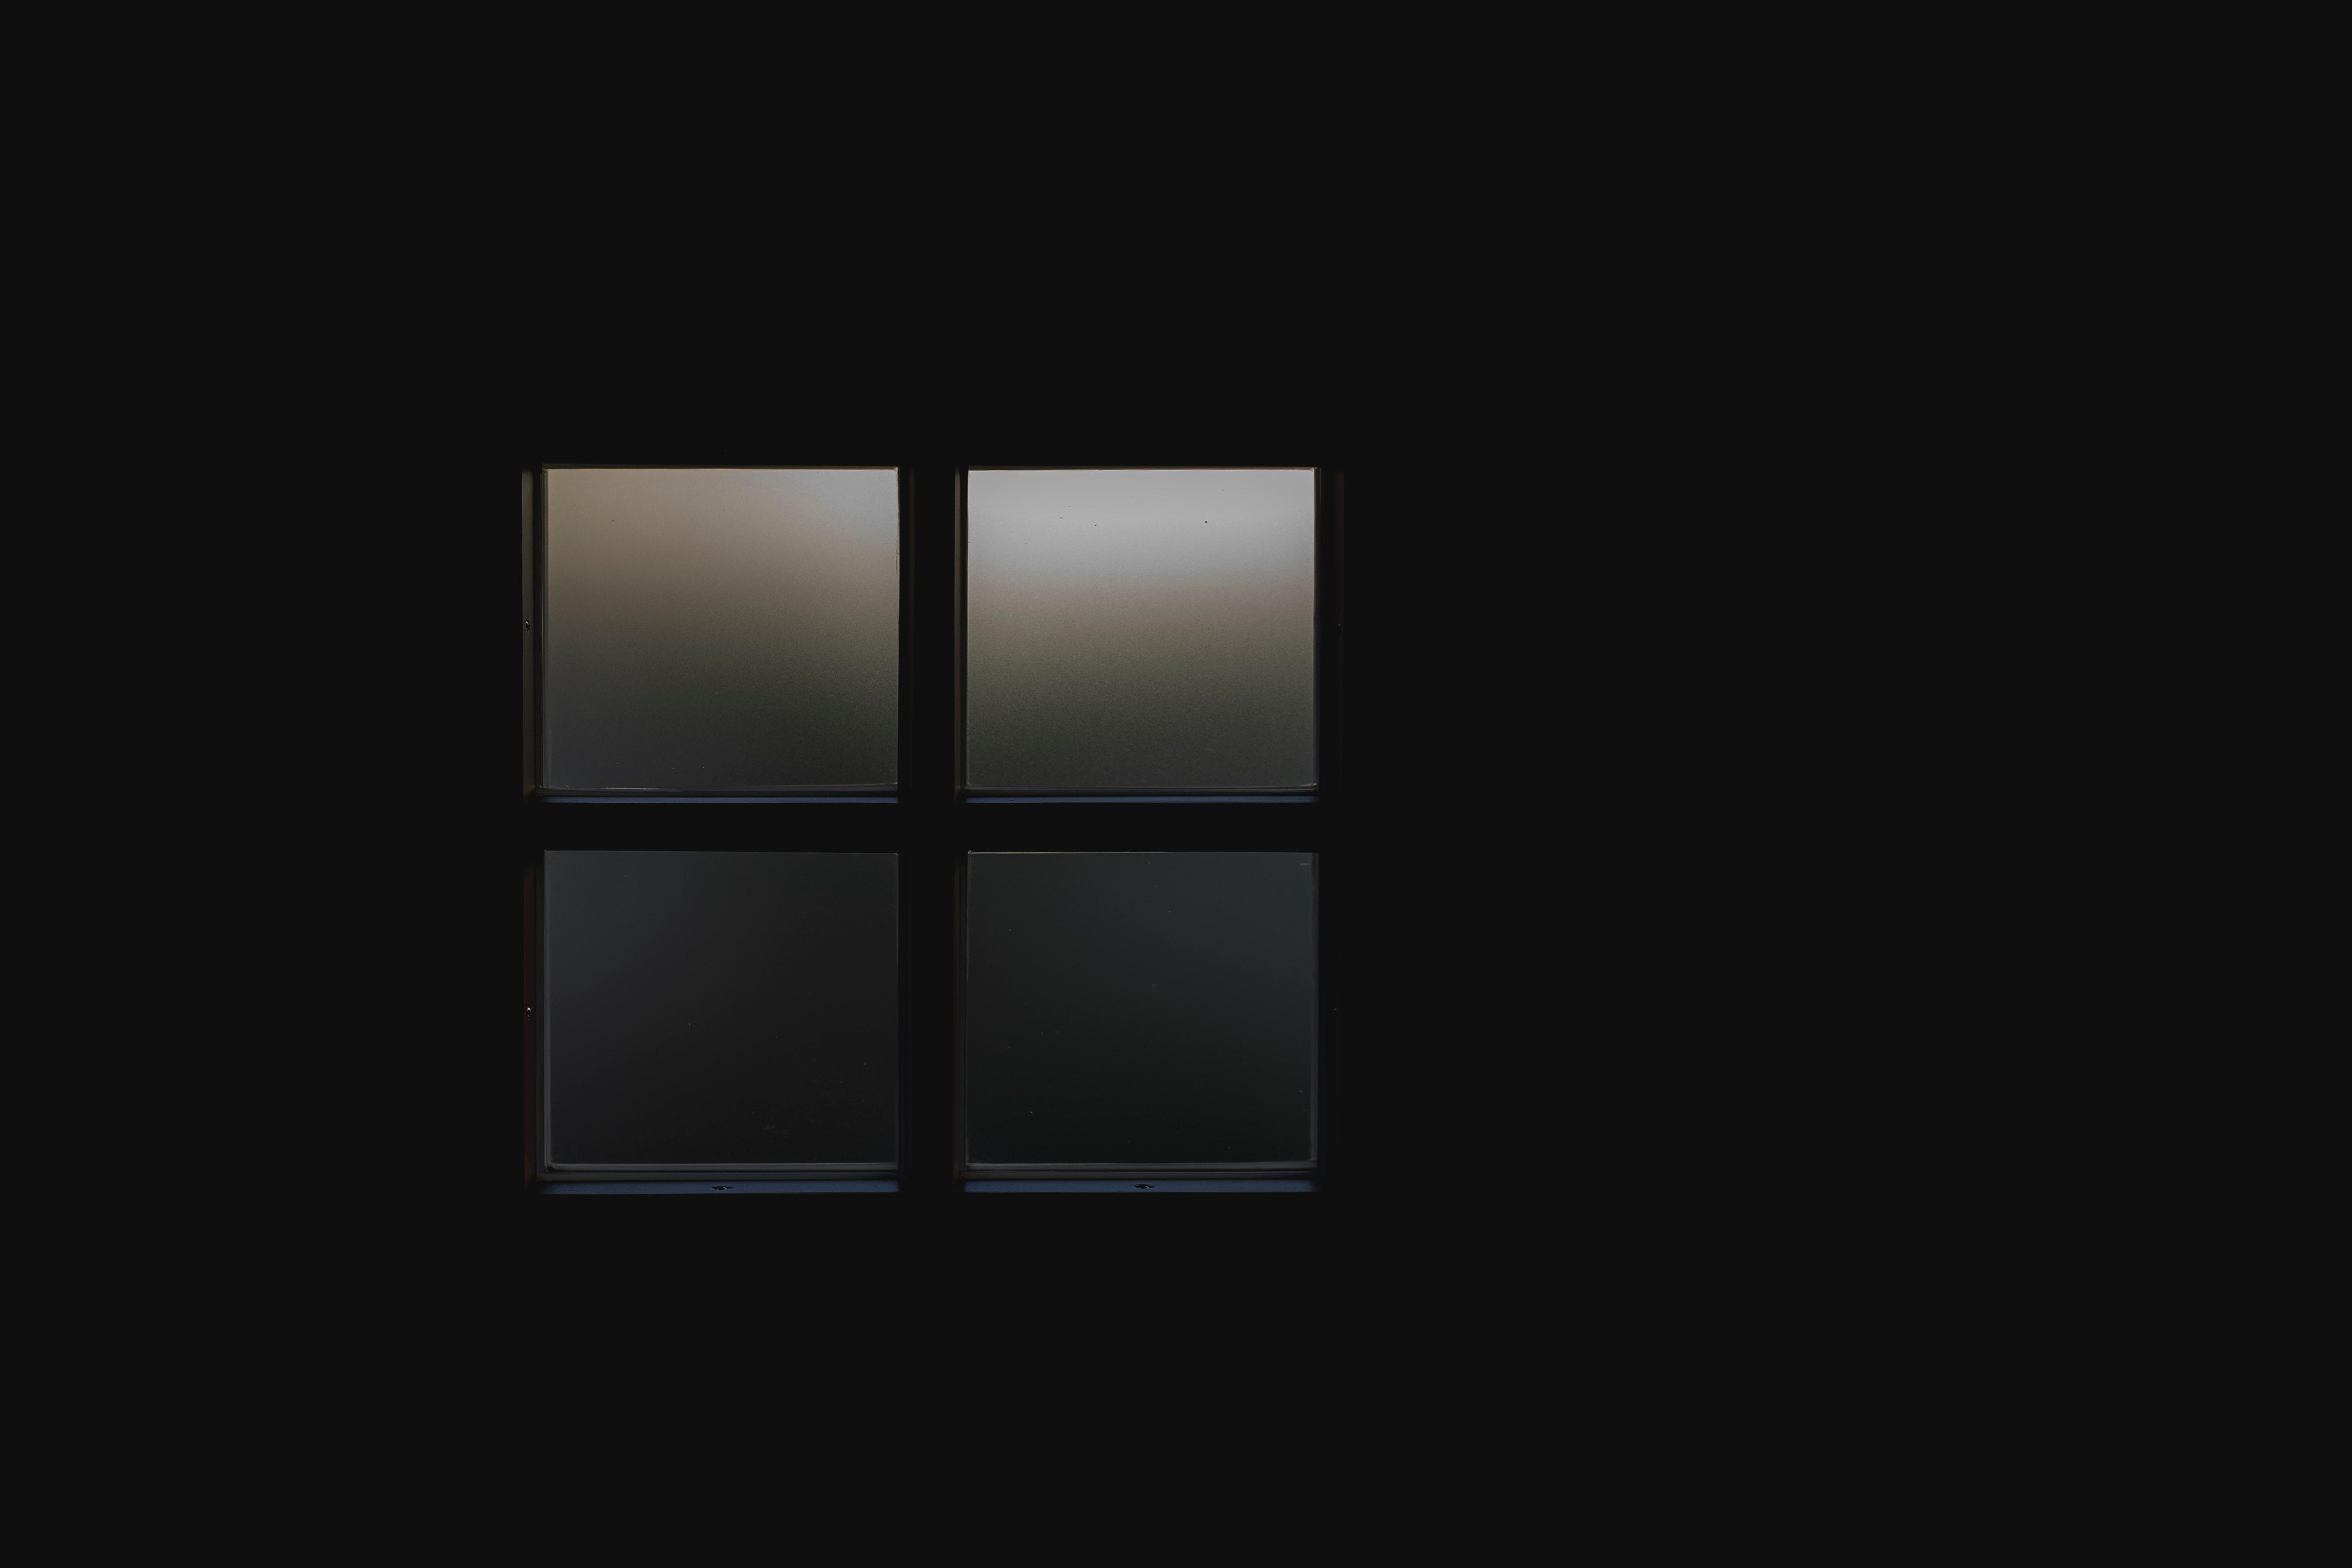 102282 скачать обои Темные, Окно, Свет, Темнота, Темный - заставки и картинки бесплатно